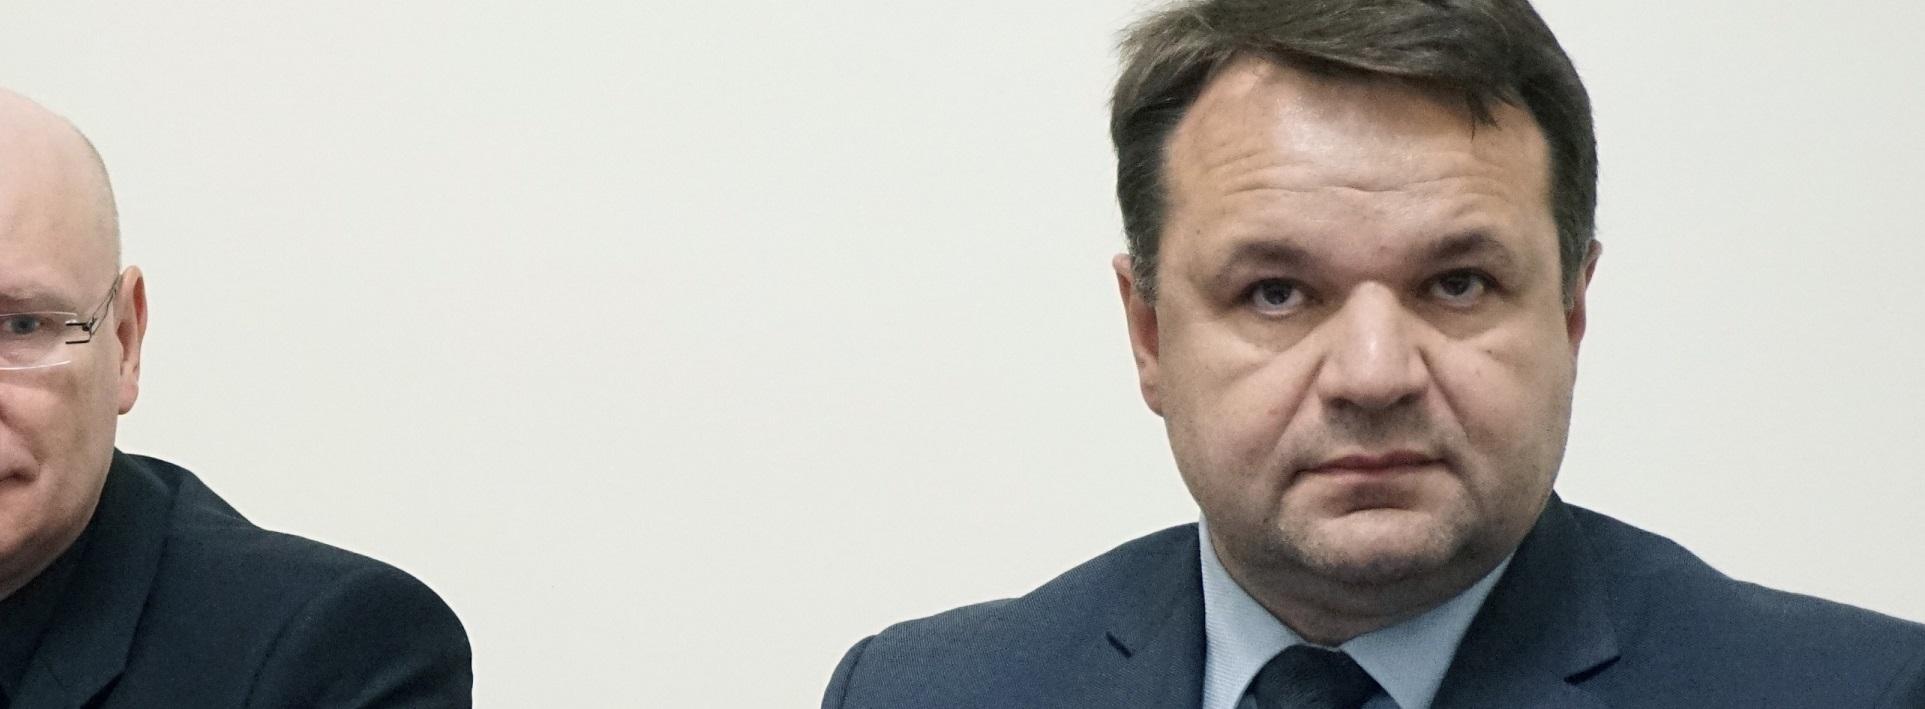 Prawie 24 miliony złotych zarobili w dwa lata radni i działacze PiS